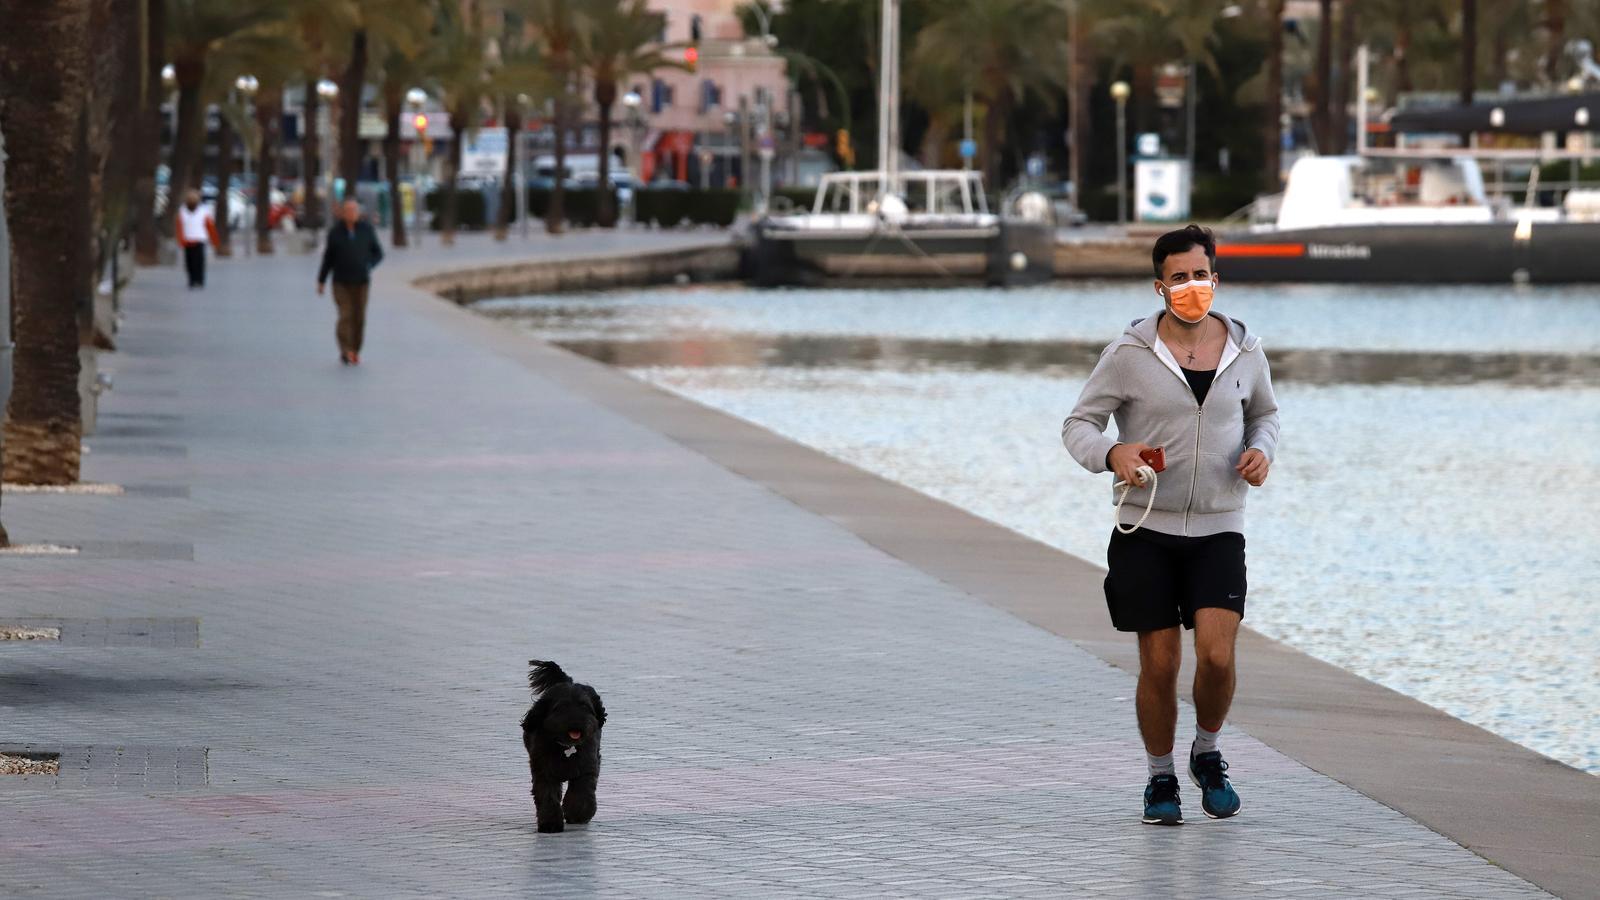 Es pot sortir a passejar la mascota mantenint les distàncies i mesures de protecció i seguretat